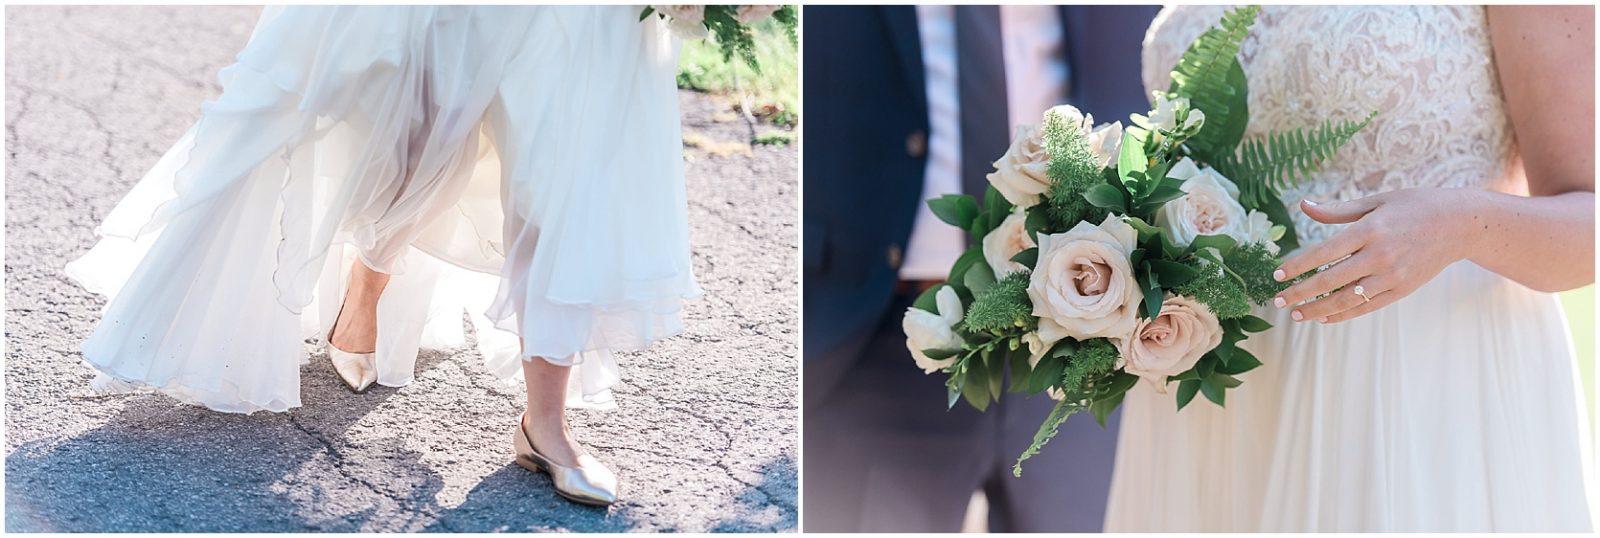 0087 SS-Late Summer Wedding at Zibi - Ottawa_PhotosbyEmmaH_WEB.jpg